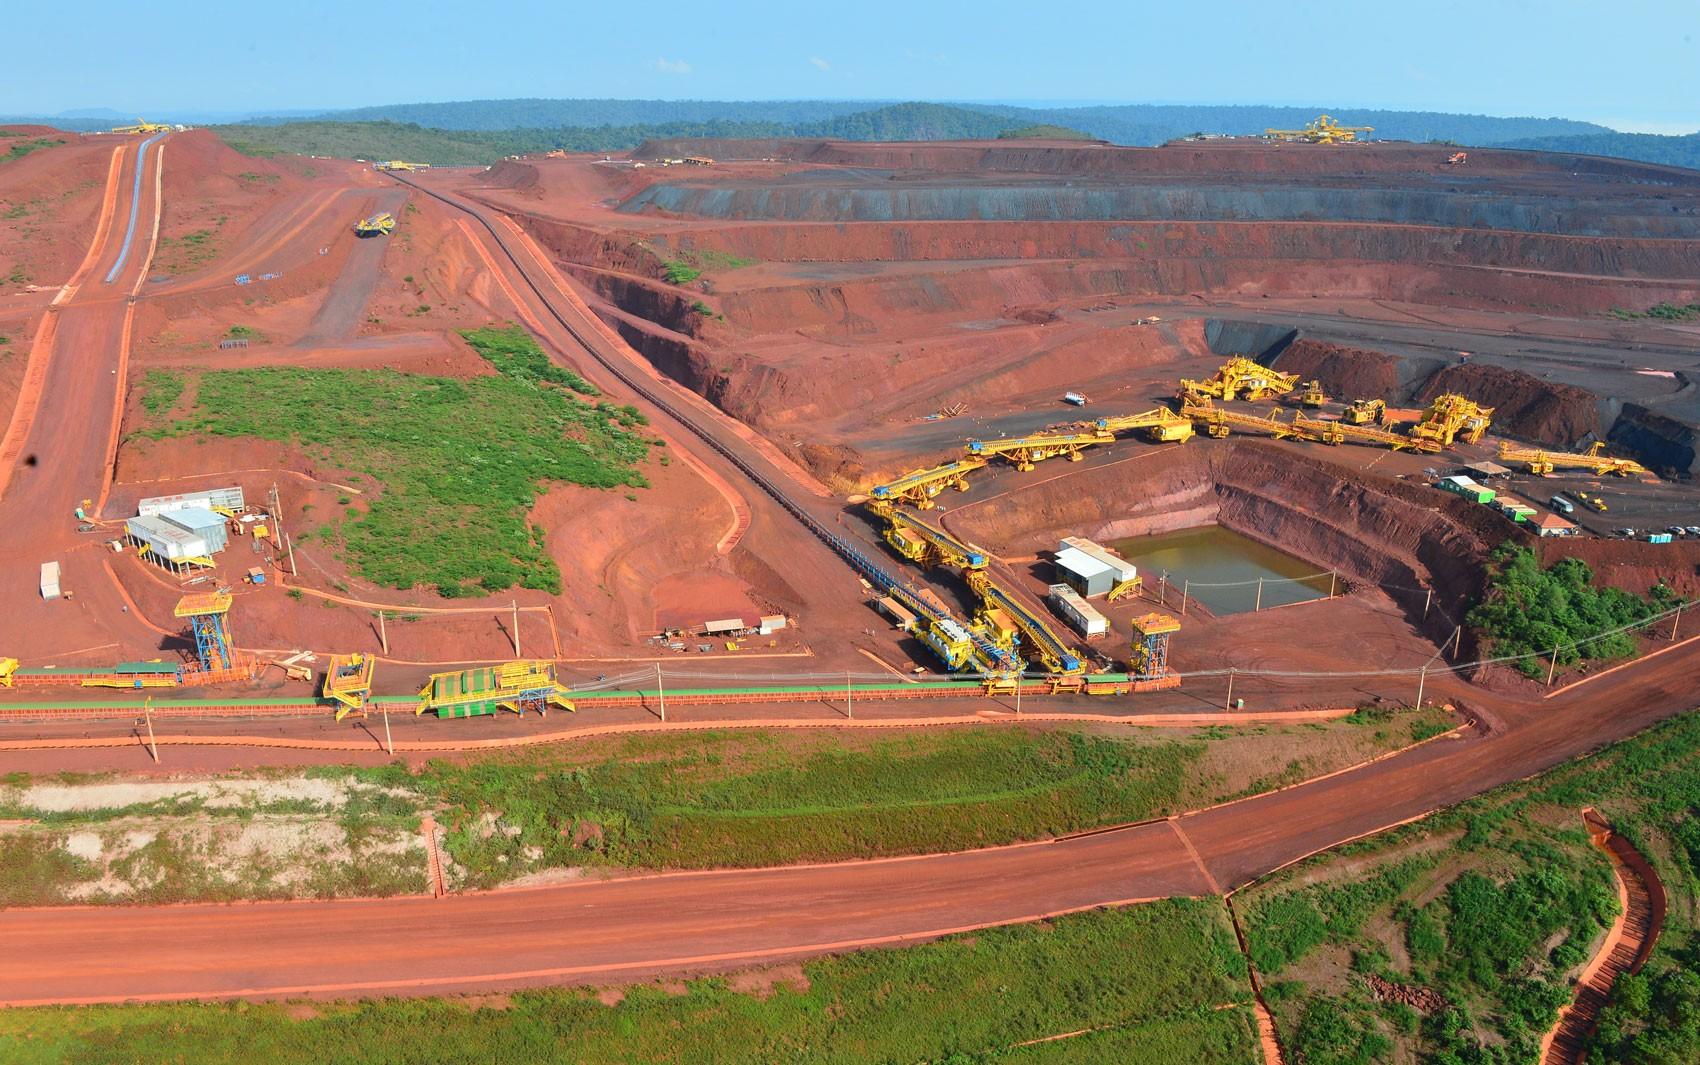 Vendas de minério de ferro da Vale caem 11,8% no 3º trimestre - Notícias - Plantão Diário